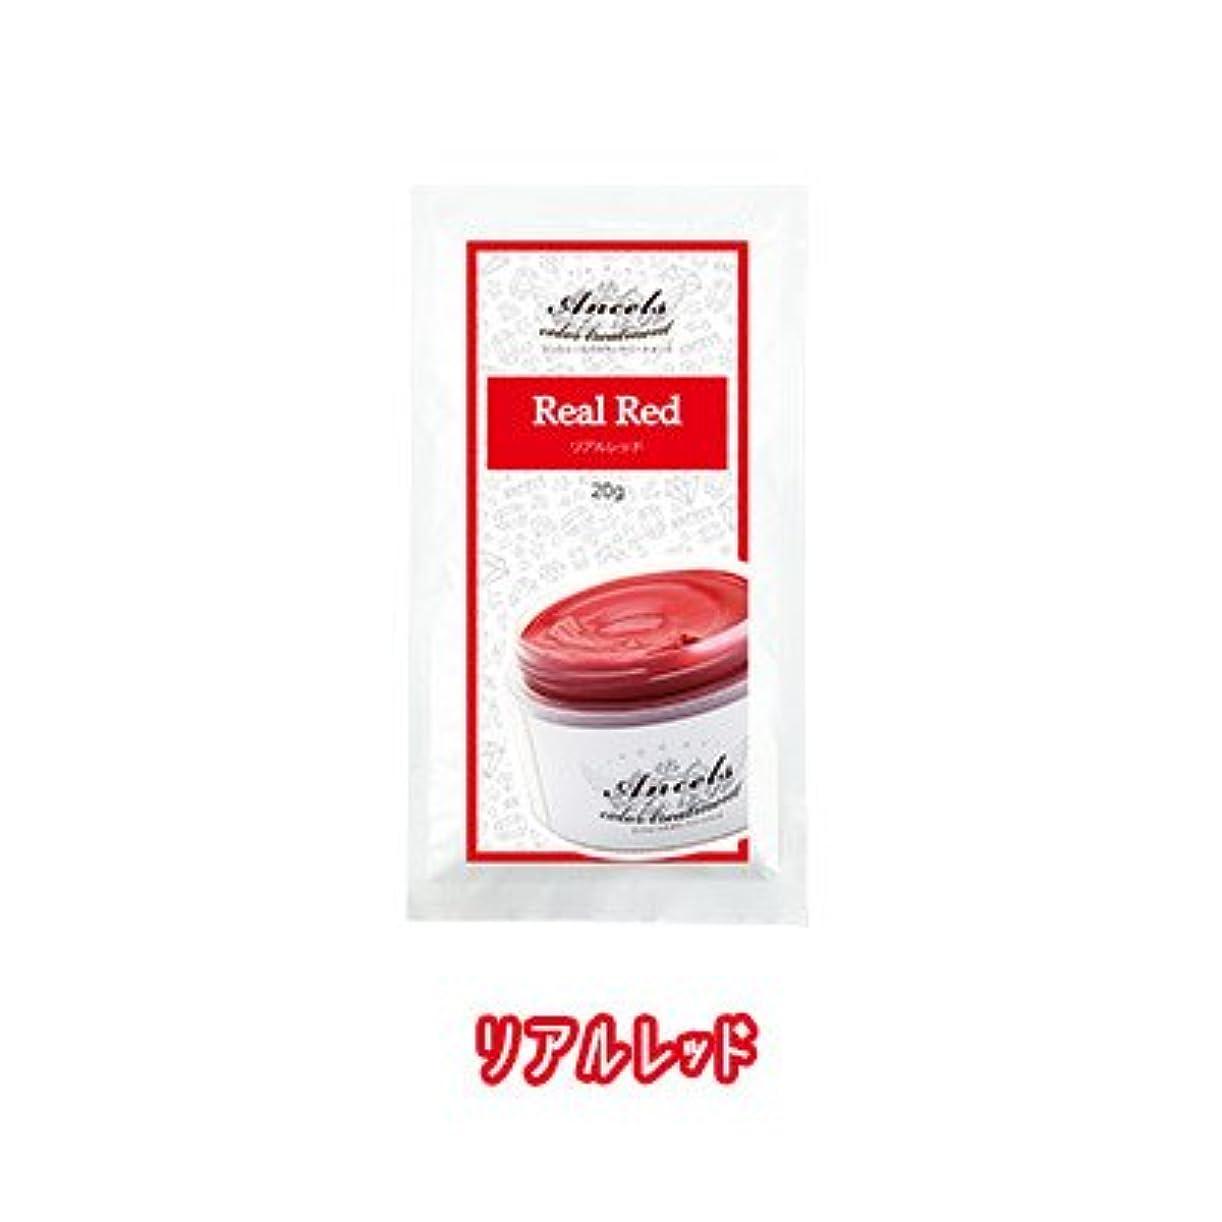 伝染性の名目上の力学エンシェールズ カラートリートメントバター プチ(お試しサイズ) リアルレッド 20g